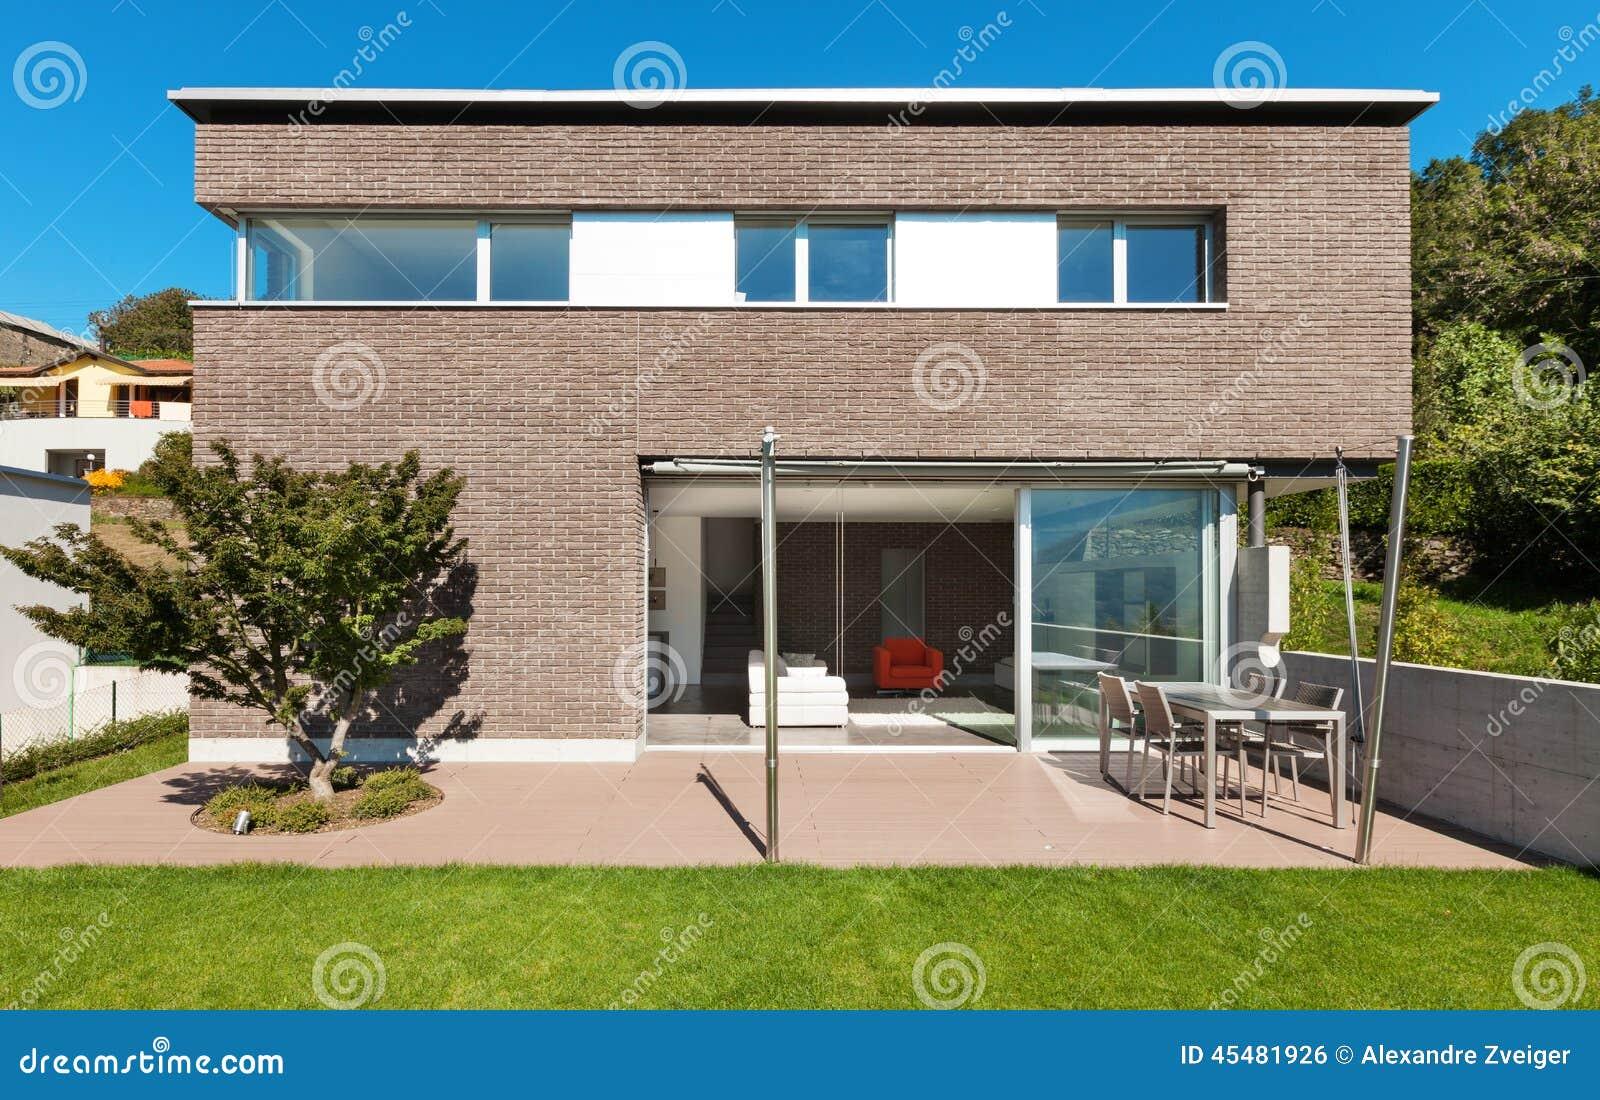 建筑学现代设计,房子